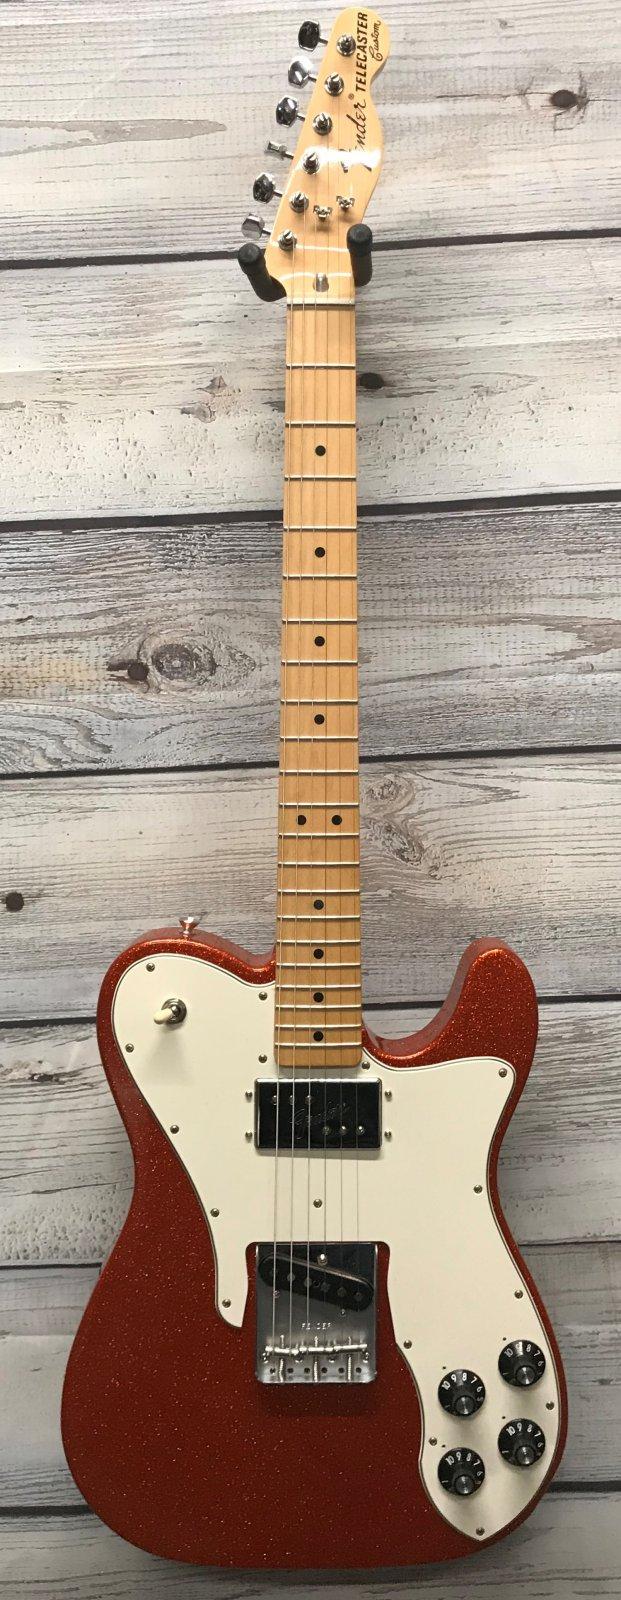 Used Fender Limited Edition 72 Tele Custom